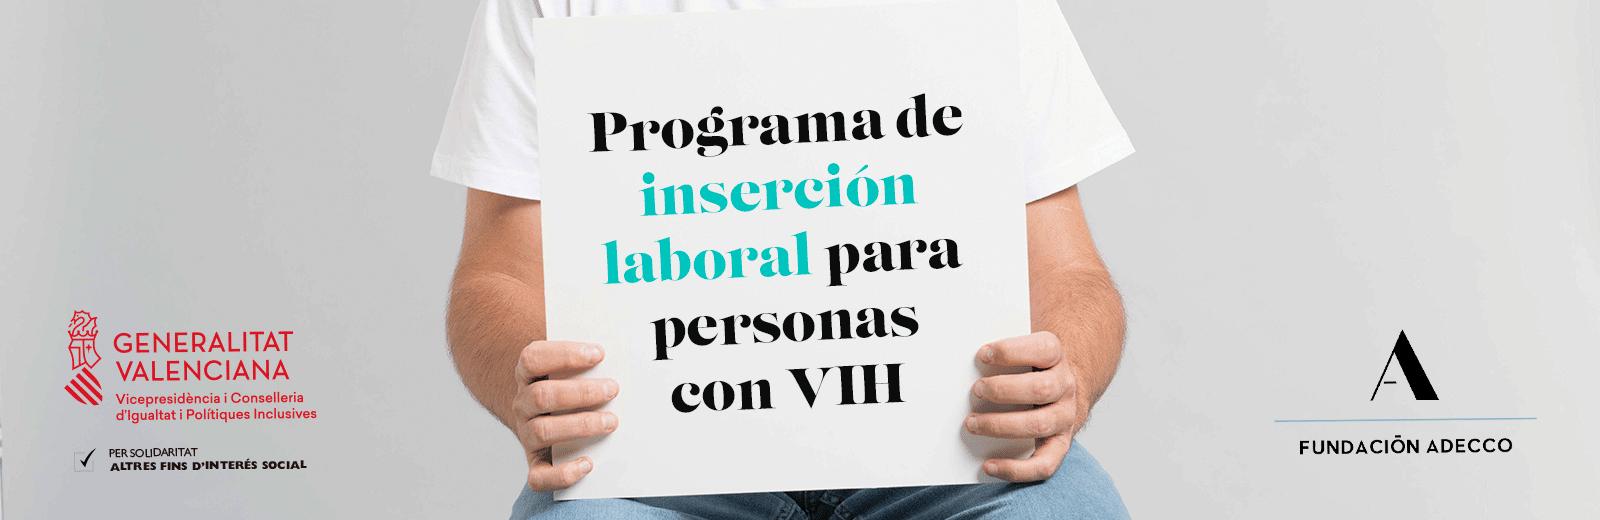 Programa de inserción laboral para personas con VIH